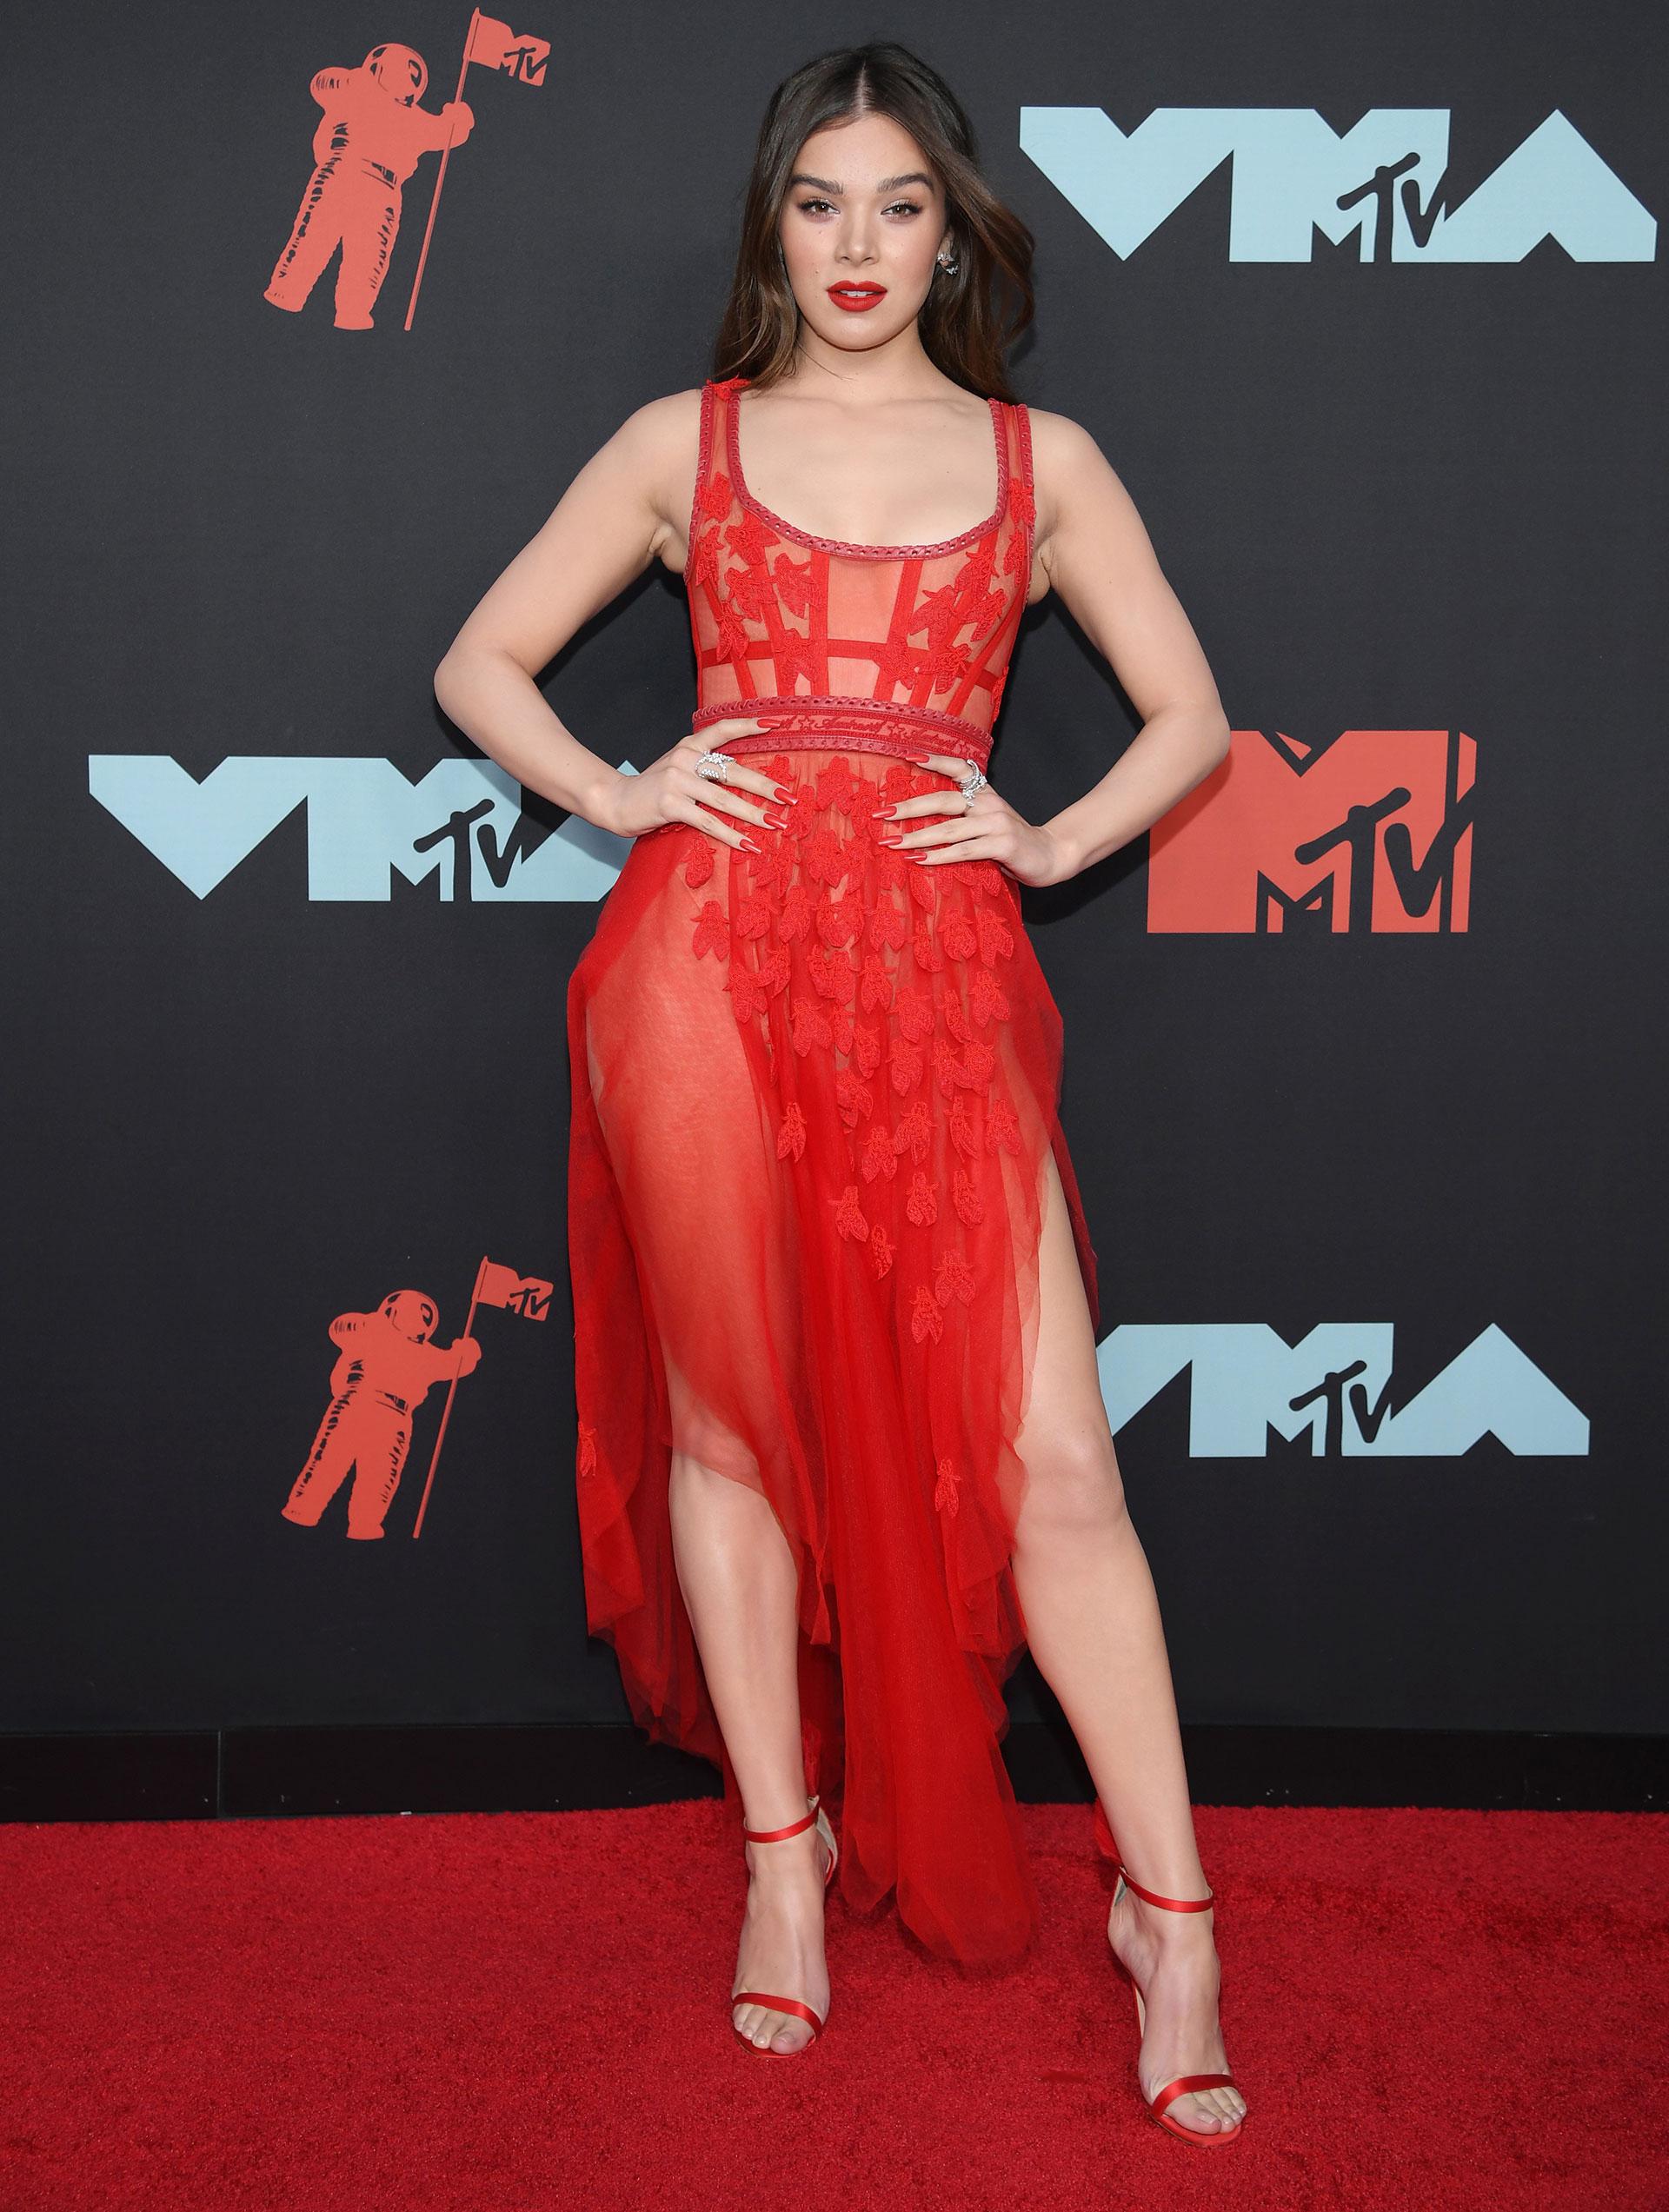 La actriz Hailee Steinfeld eligió un sensual vestido rojo